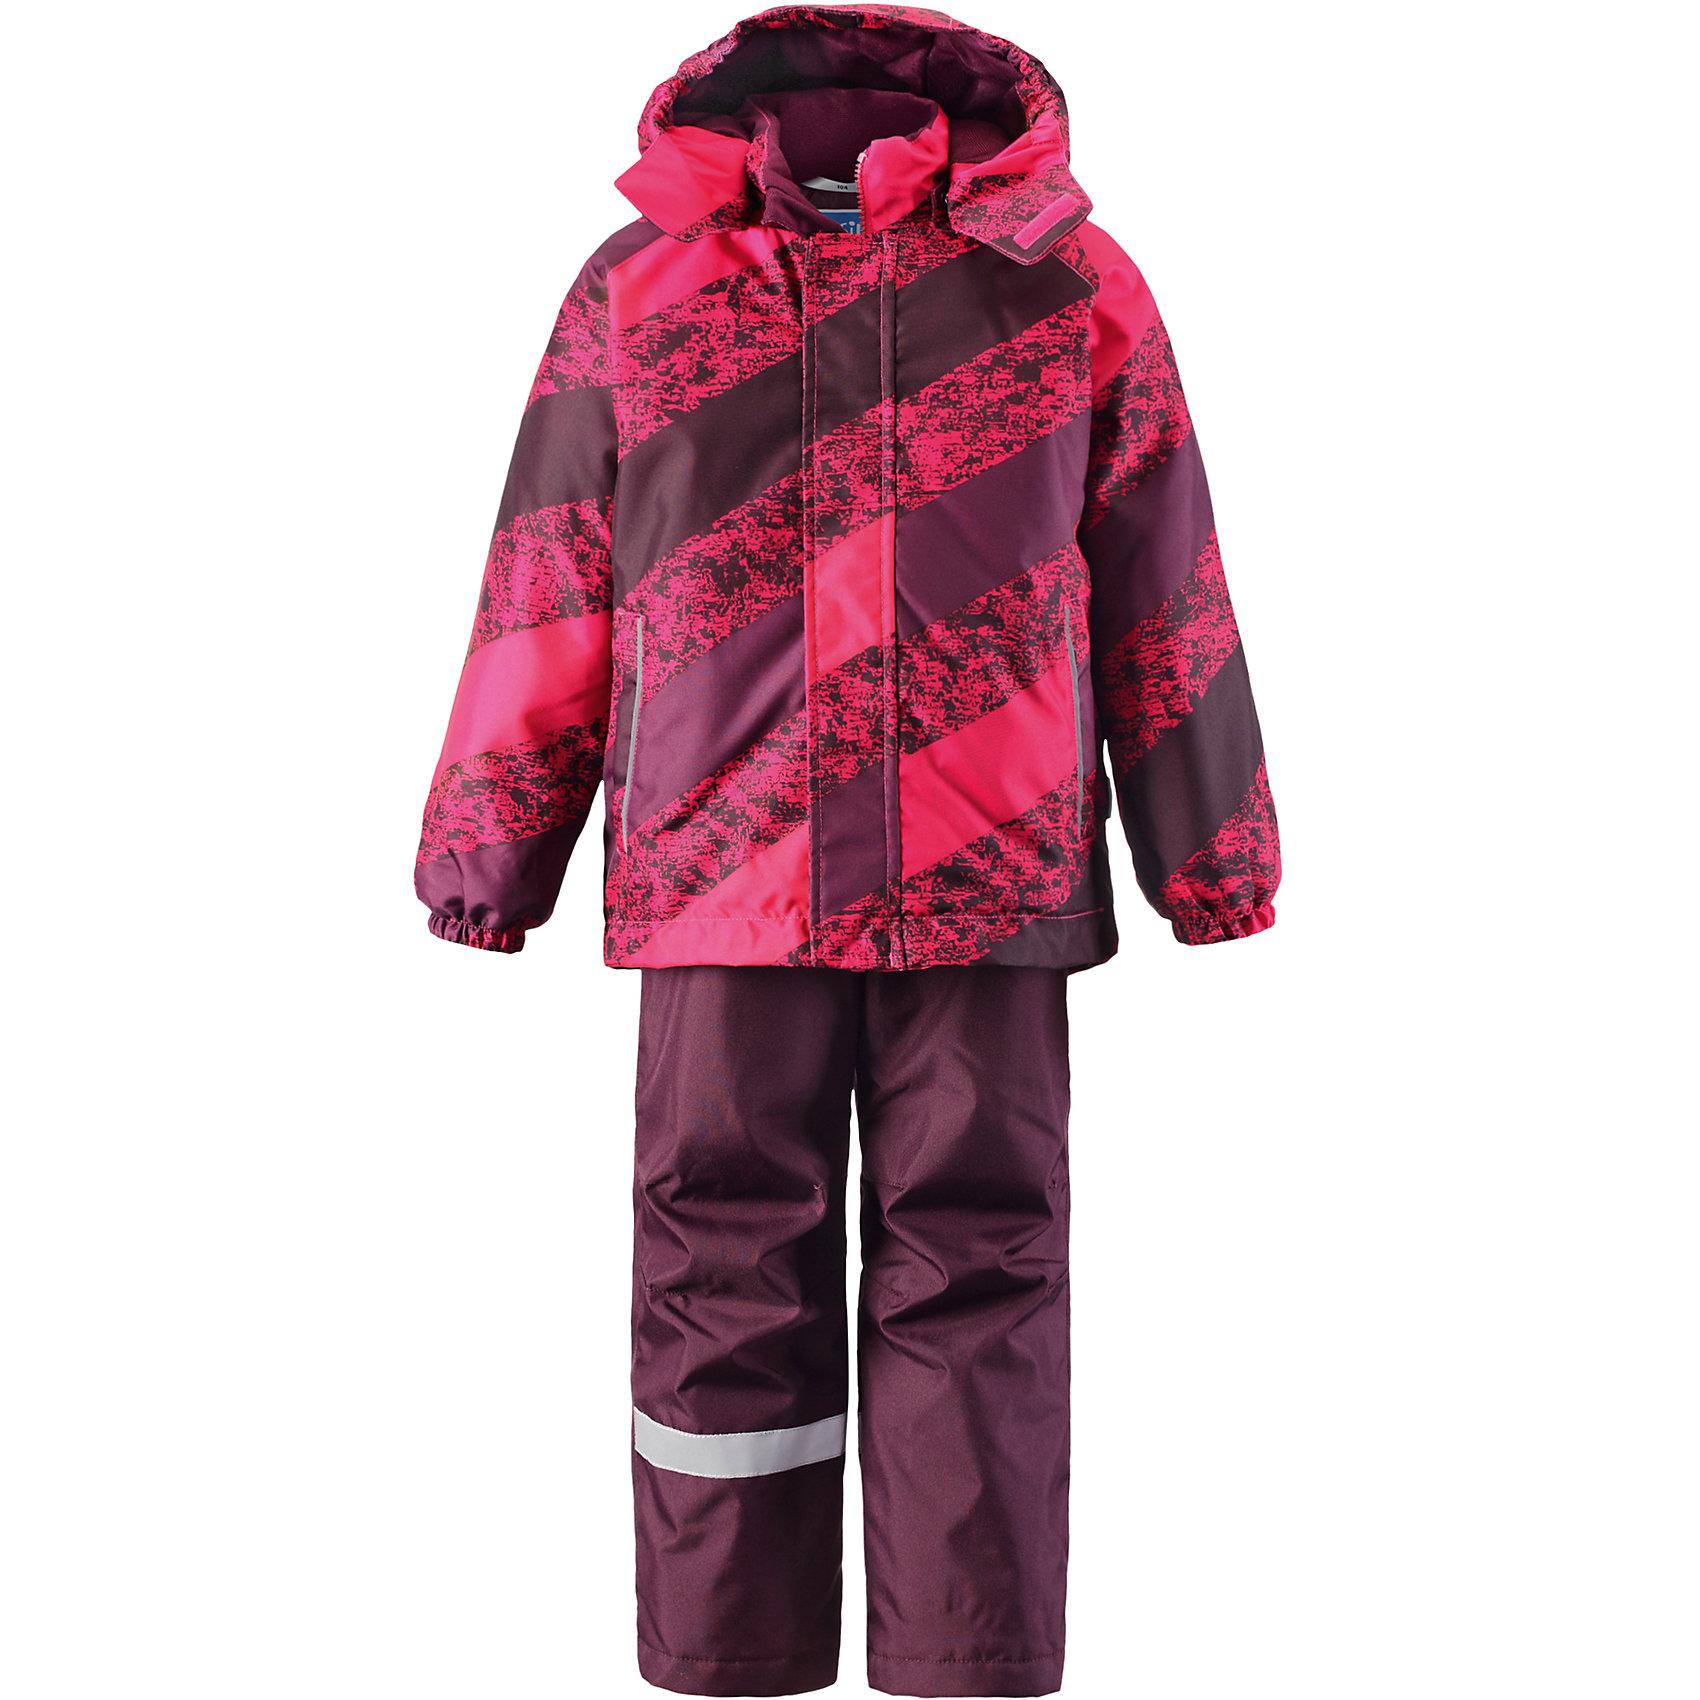 Комплект: куртка и брюки для девочки LASSIEОдежда<br>Комплект: куртка и брюки от финской марки LASSIE.<br>Зимний комплект для детей.Сверхпрочный материал.Водоотталкивающий, ветронепроницаемый, «дышащий» и грязеотталкивающий материал.Задний серединный шов брюк проклеен.Гладкая подкладка из полиэстра.Средняя степень утепления.Безопасный, съемный капюшон.Эластичные манжеты.Эластичная талия.Снегозащитные манжеты на штанинах.Ширинка на молнии.Два прорезных кармана.Регулируемые и отстегивающиеся эластичные подтяжки.Принт по всей поверхности<br>Рекомендации по уходу:Стирать по отдельности, вывернув наизнанку. Застегнуть молнии и липучки. Соблюдать температуру в соответствии с руководством по уходу. Стирать моющим средством, не содержащим отбеливающие вещества. Полоскать без специального средства. Сушение в сушильном шкафу разрешено при низкой температуре.<br>Вес утеплителя:100; 180<br>Состав:<br>100% ПЭ, ПУ-покрытие<br><br>Ширина мм: 356<br>Глубина мм: 10<br>Высота мм: 245<br>Вес г: 519<br>Цвет: розовый<br>Возраст от месяцев: 18<br>Возраст до месяцев: 24<br>Пол: Женский<br>Возраст: Детский<br>Размер: 92,140,104,98,110,116,122,128,134<br>SKU: 5032756